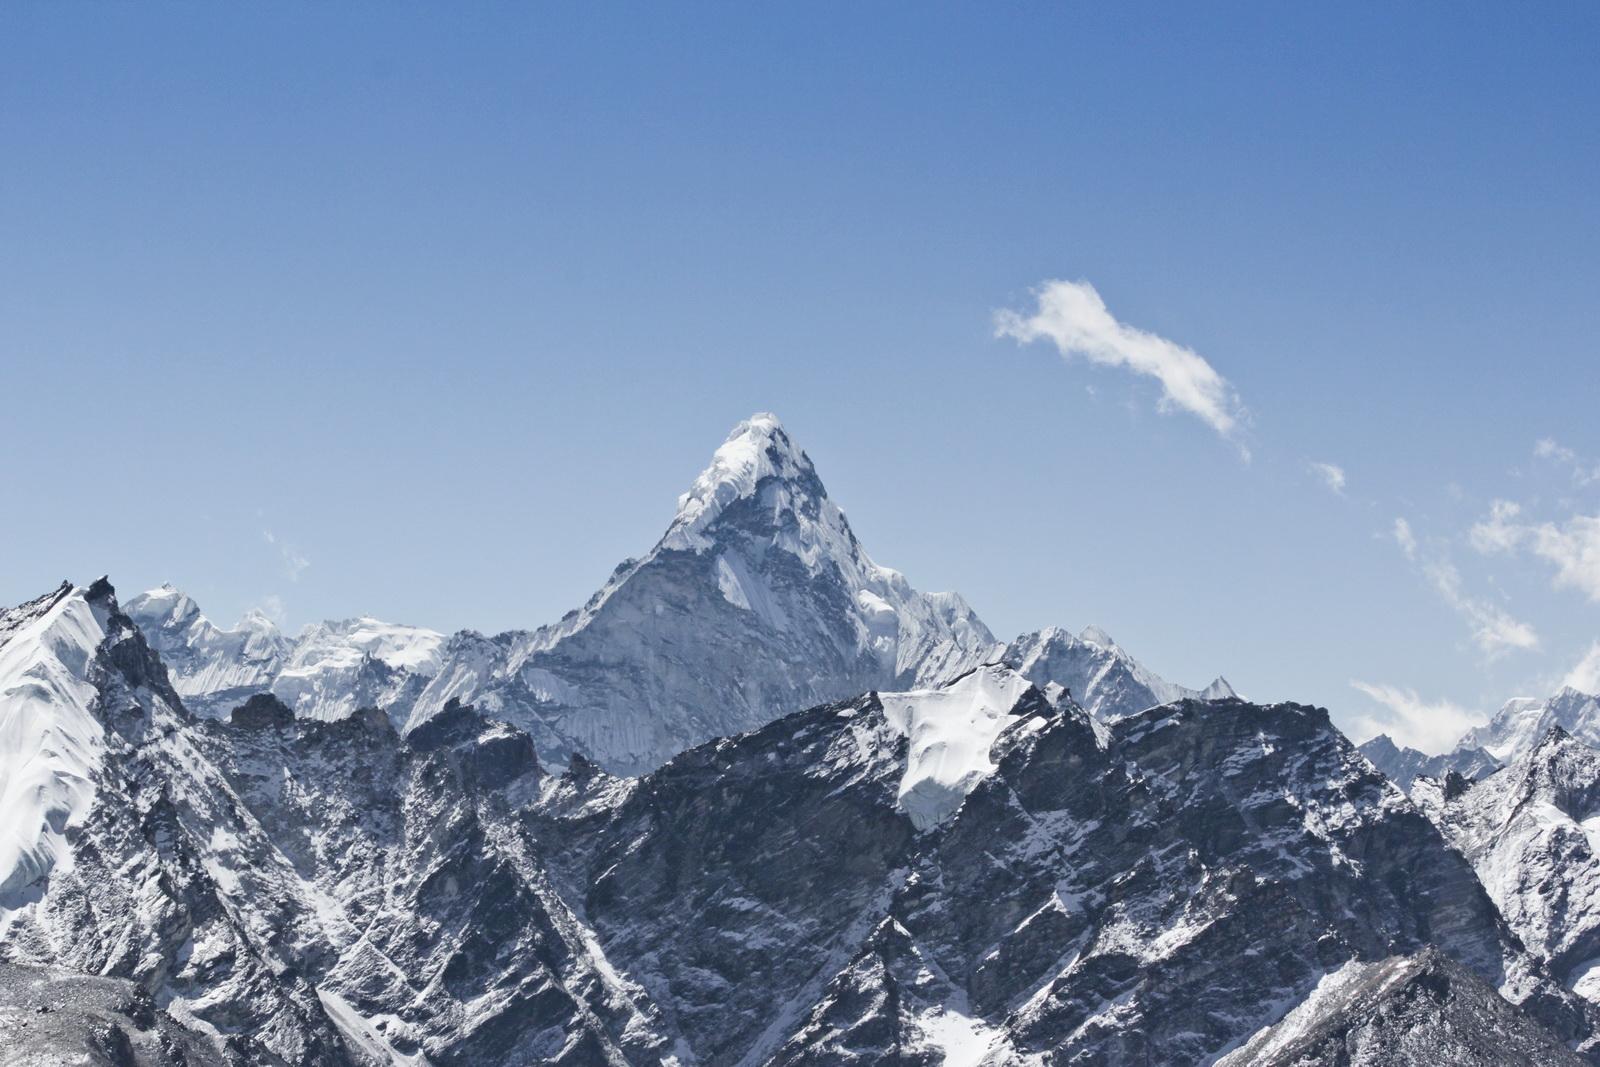 Непал, район Кхумбу, Ама Даблам